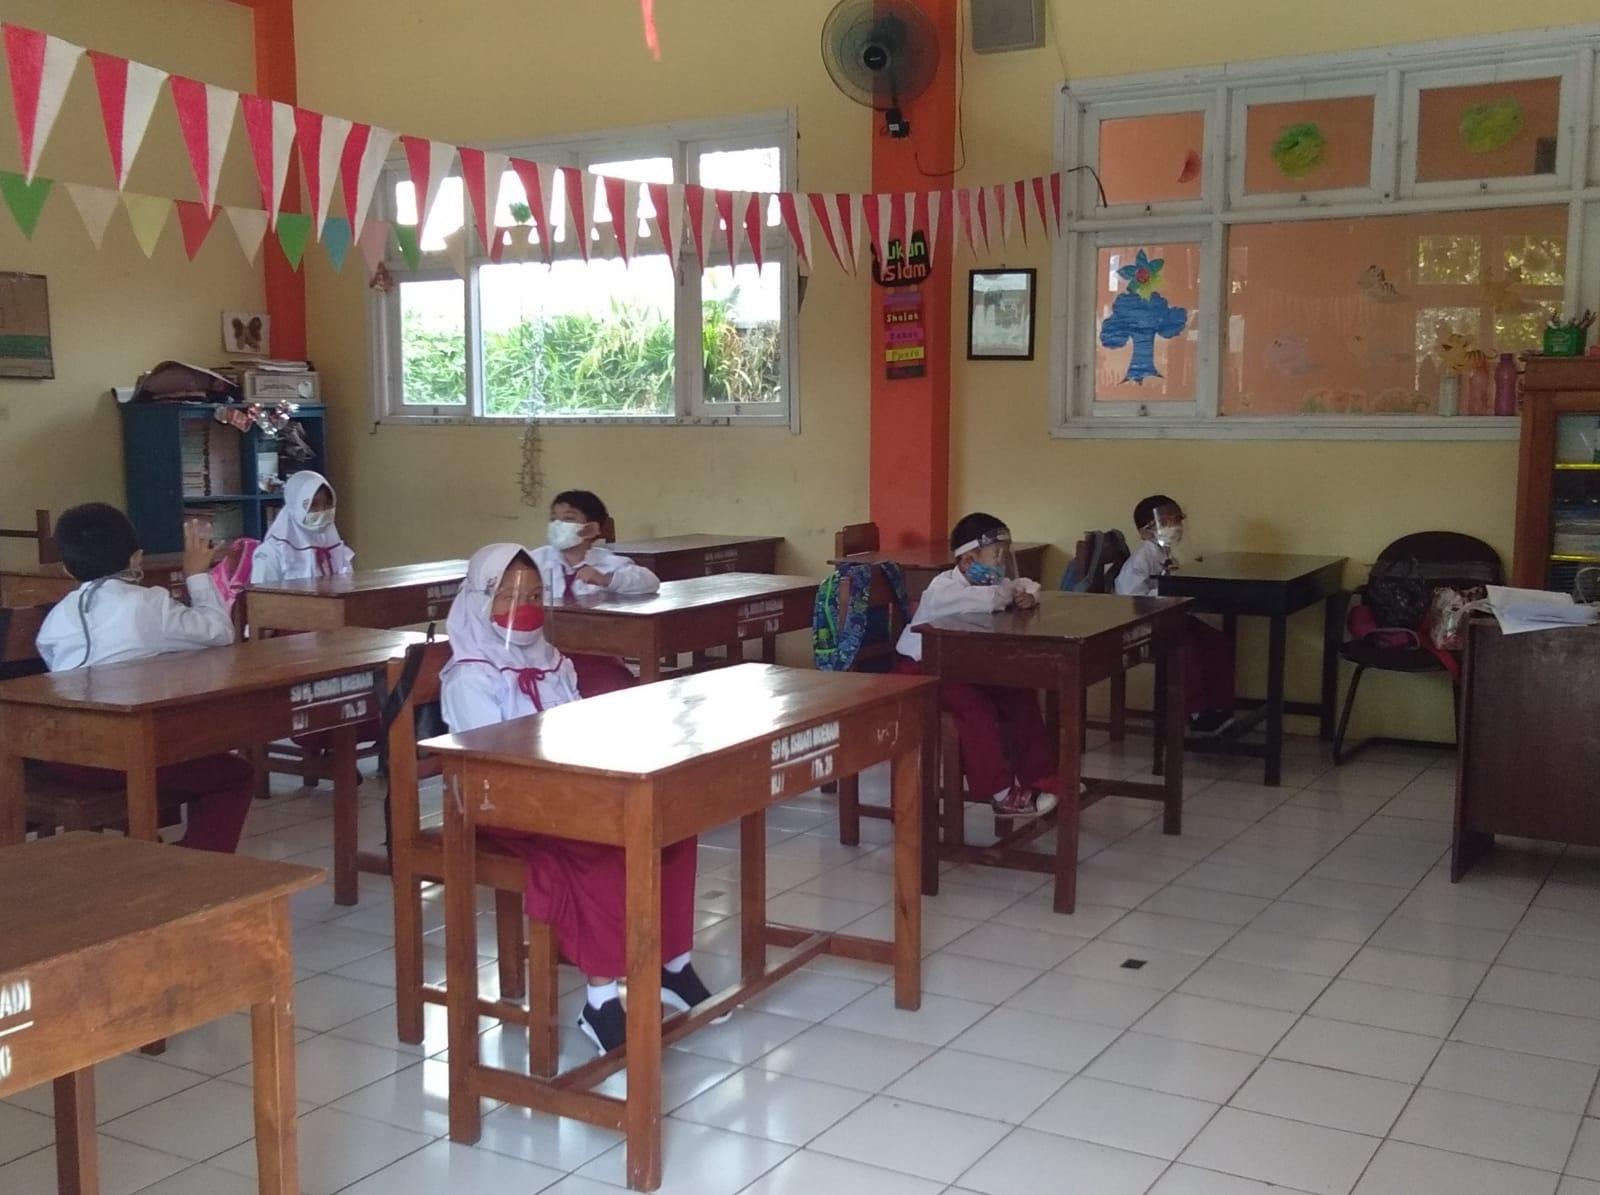 Pelaksanaan uji coba Pembelajaran Tatap Muka (PTM) pada salah satu SD di Ungaran, Selasa (24/8/2021). FOTO: M. Rain Daling/Lingkar.co